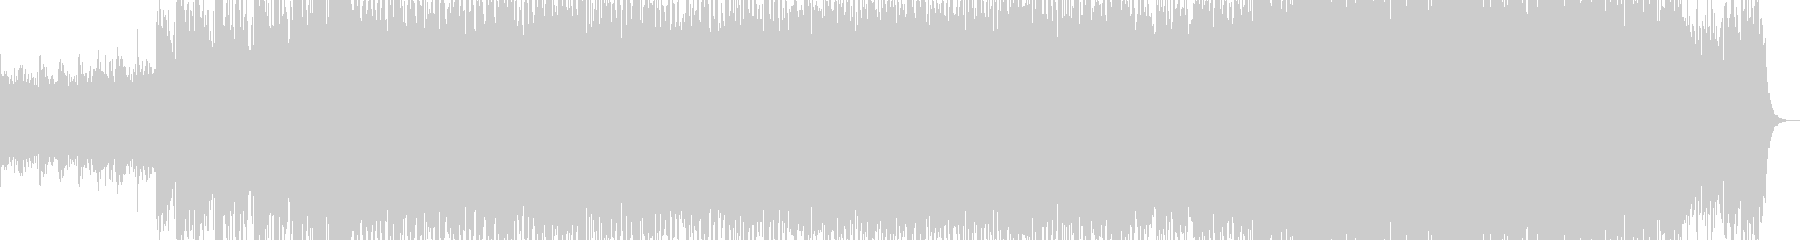 ロック的なドラムンベースの未再生の波形